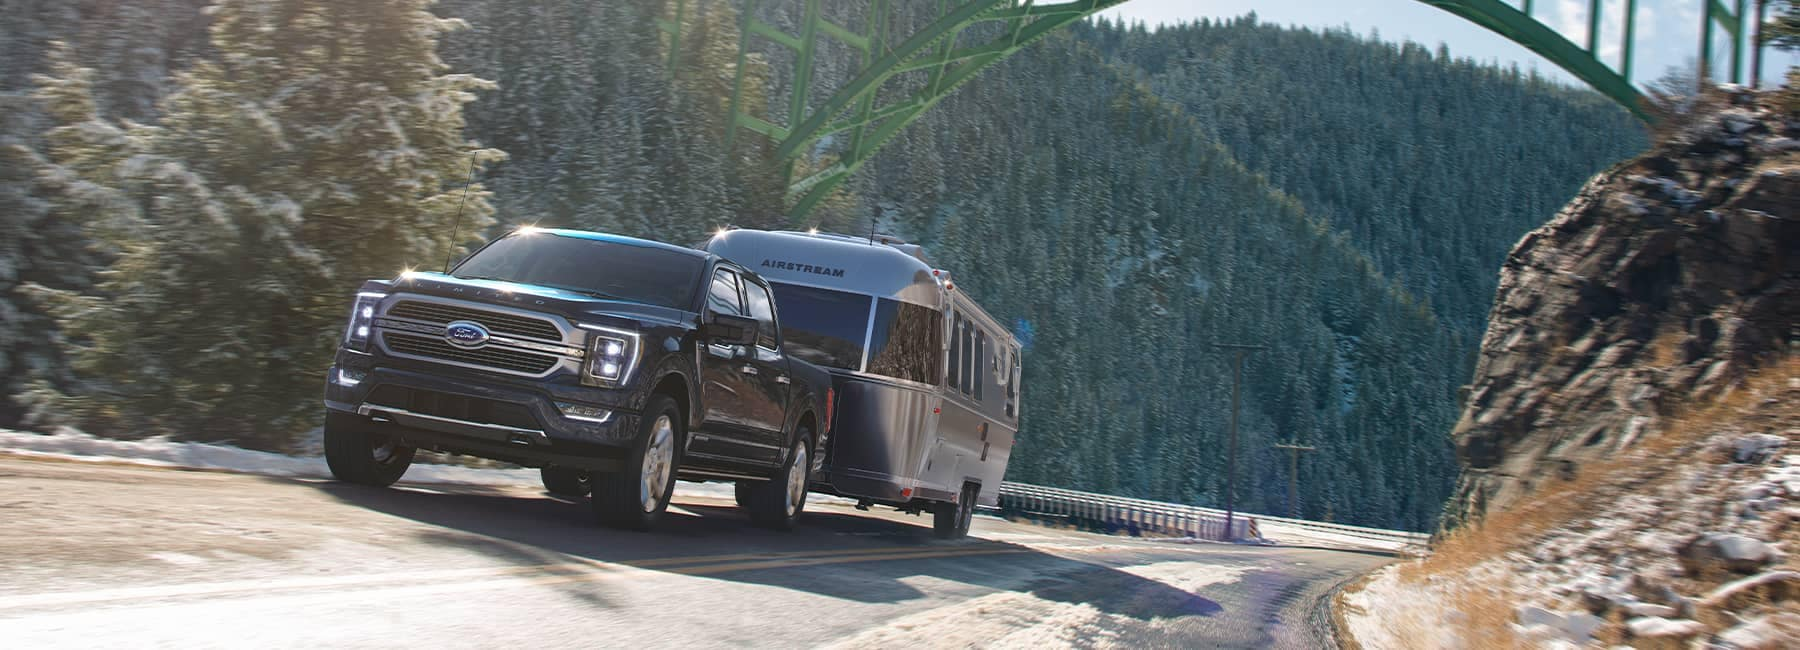 A black Ford F150 hauling a silver Airstream RV through a mountain pass